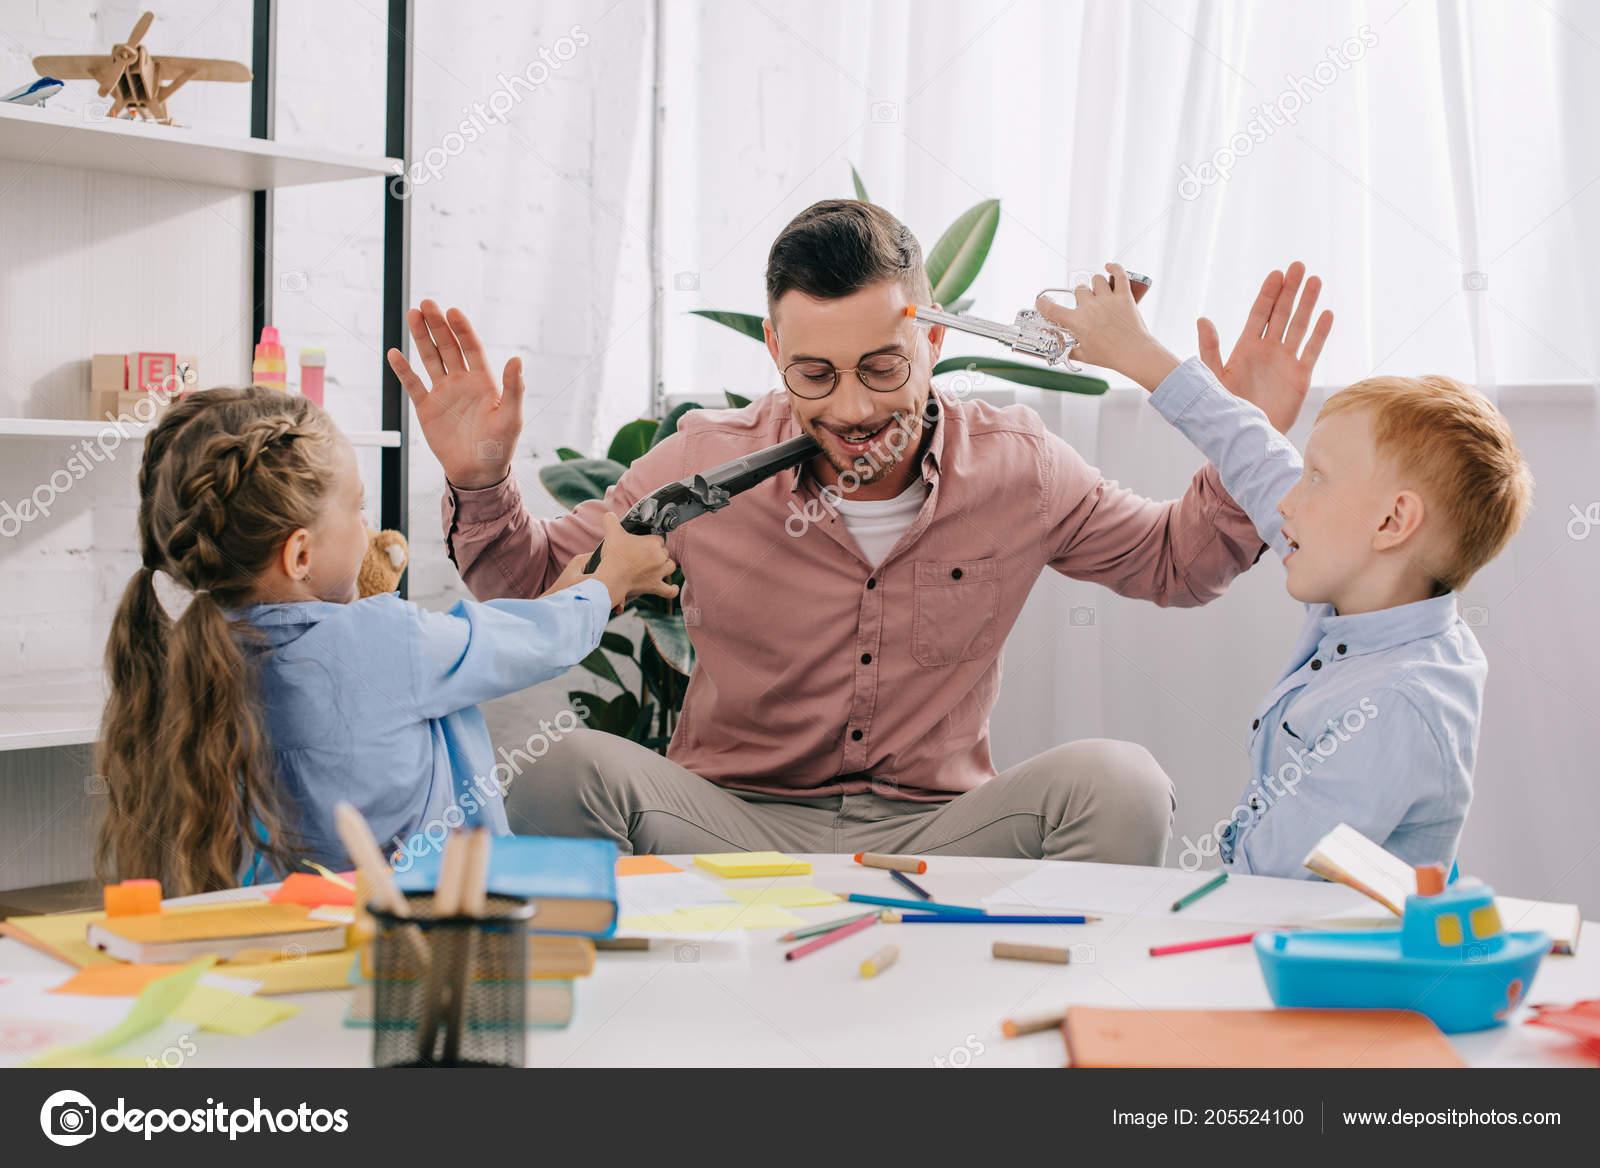 Insegnante occhiali vista con mani ragazzi con pistole giocattolo